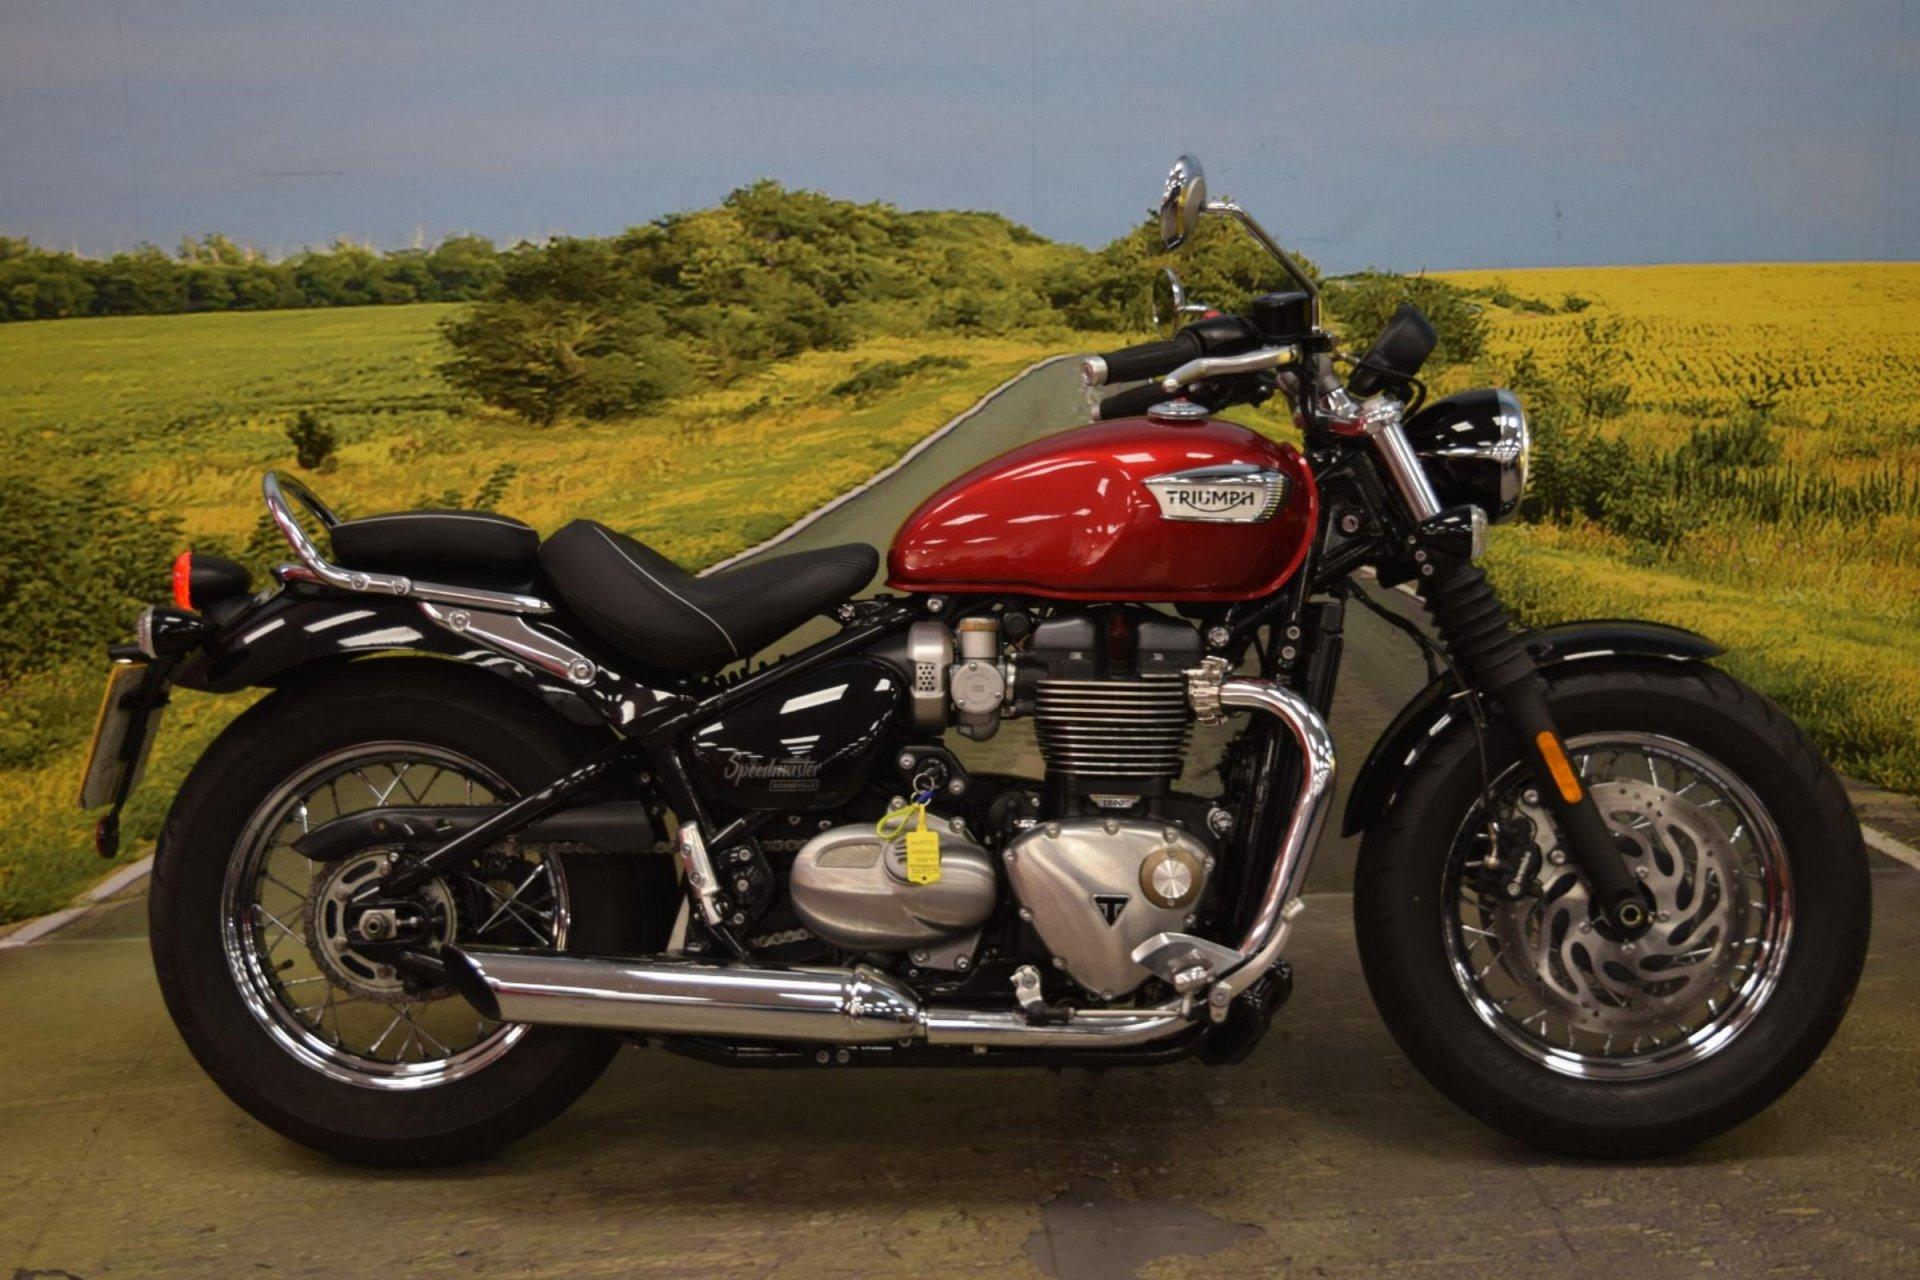 2018 Triumph Bonneville Speedmaster for sale in Staffordshire